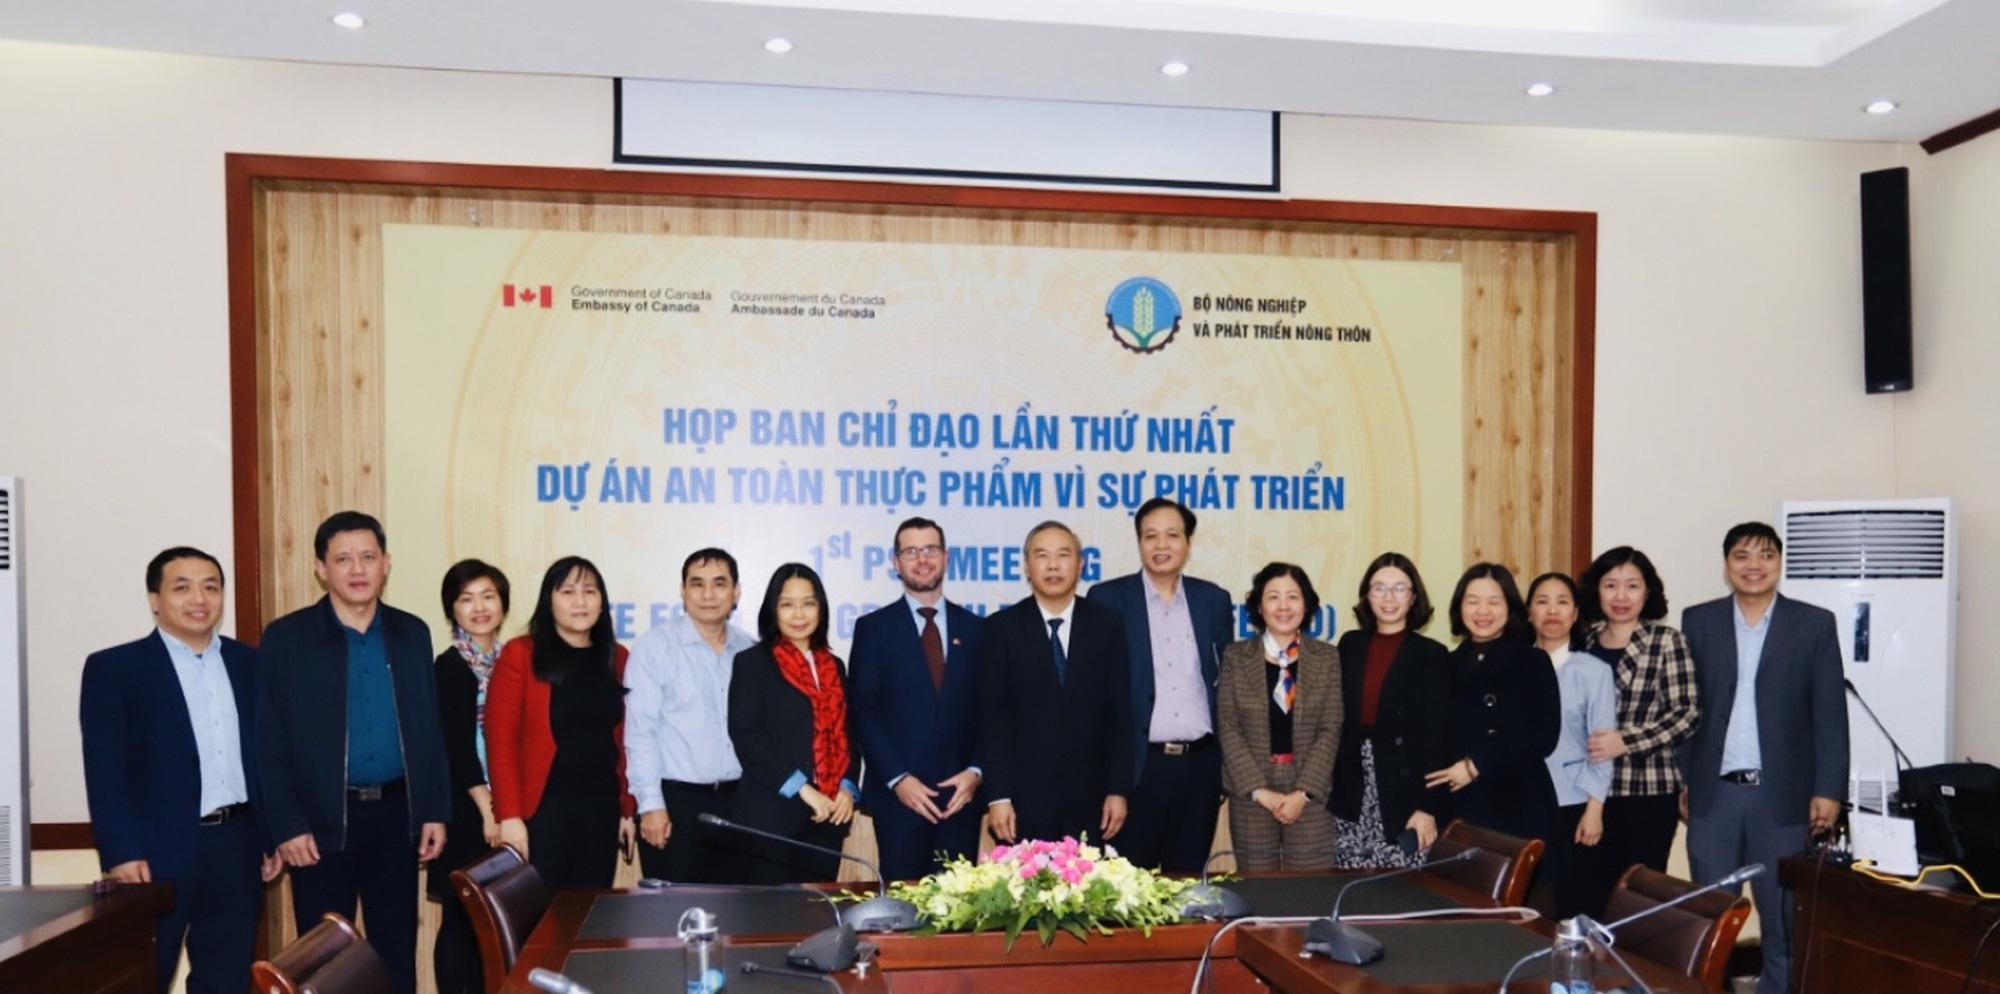 Canada tài trợ 280 tỷ đồng xây dựng lĩnh vực an toàn thực phẩm ở Việt Nam - Ảnh 2.